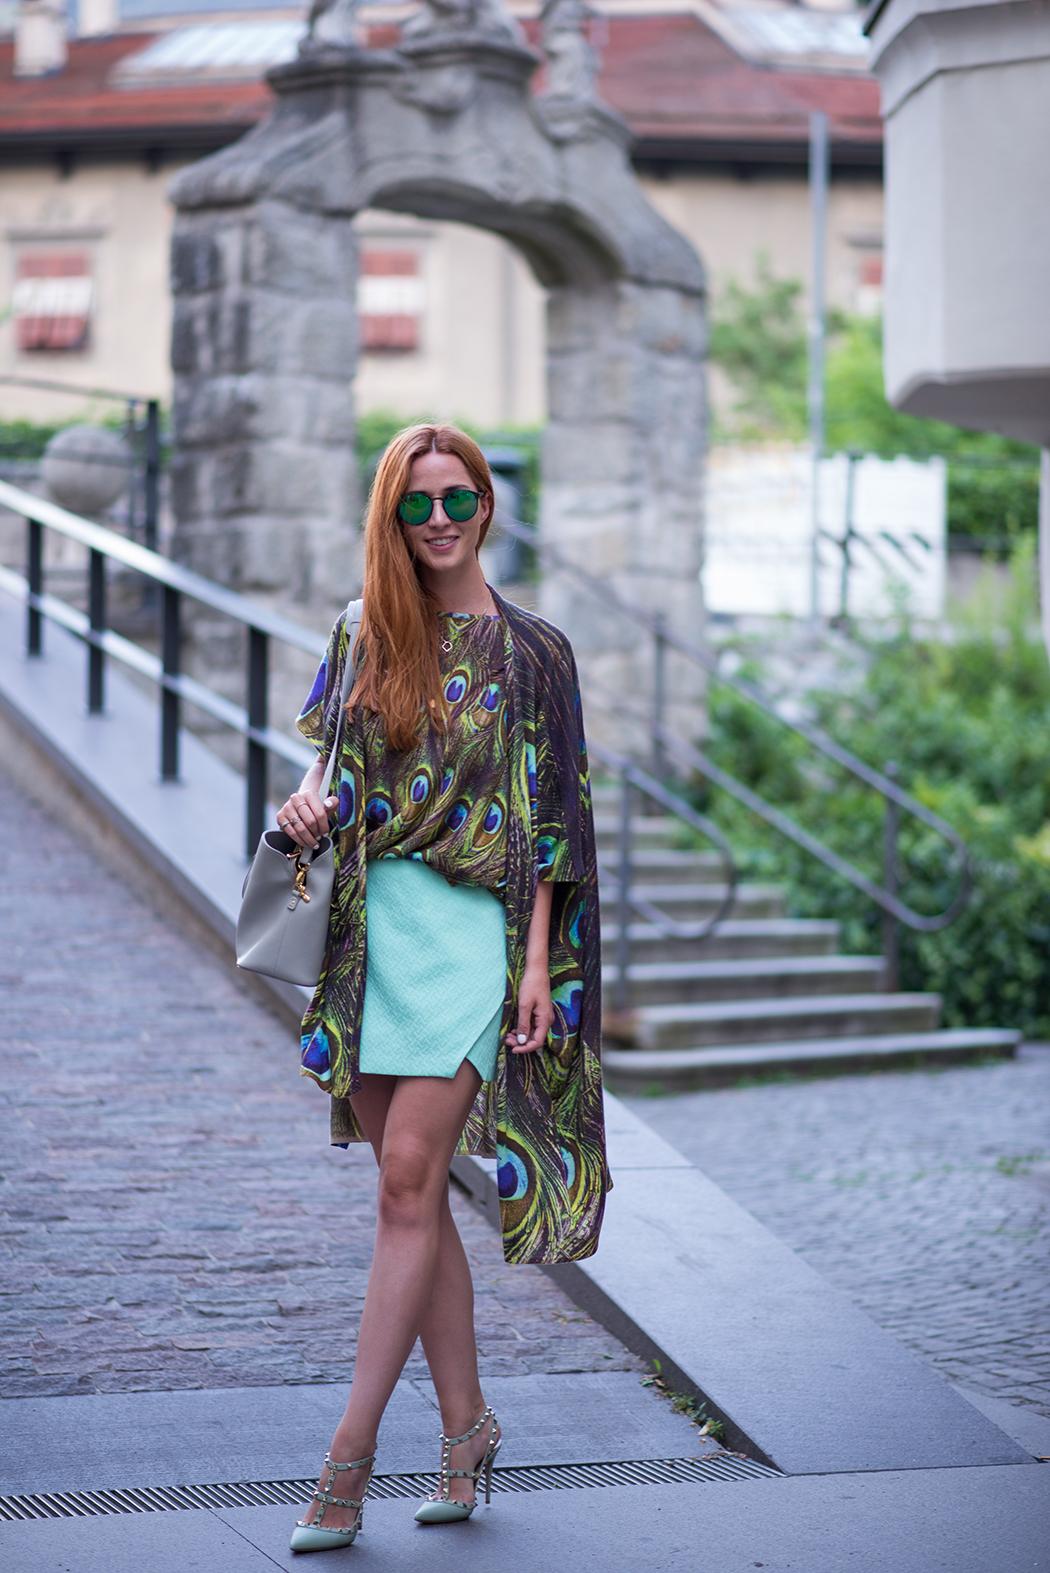 Fashionblog-Fashionblogger-Fashion-Blog-Lifestyle-München-Deutschland-Lindarella-Linda-Rella-Aware_Cashmere-Any_Di-Brixen-Bressanone-Le_Specs_verspiegelt-6